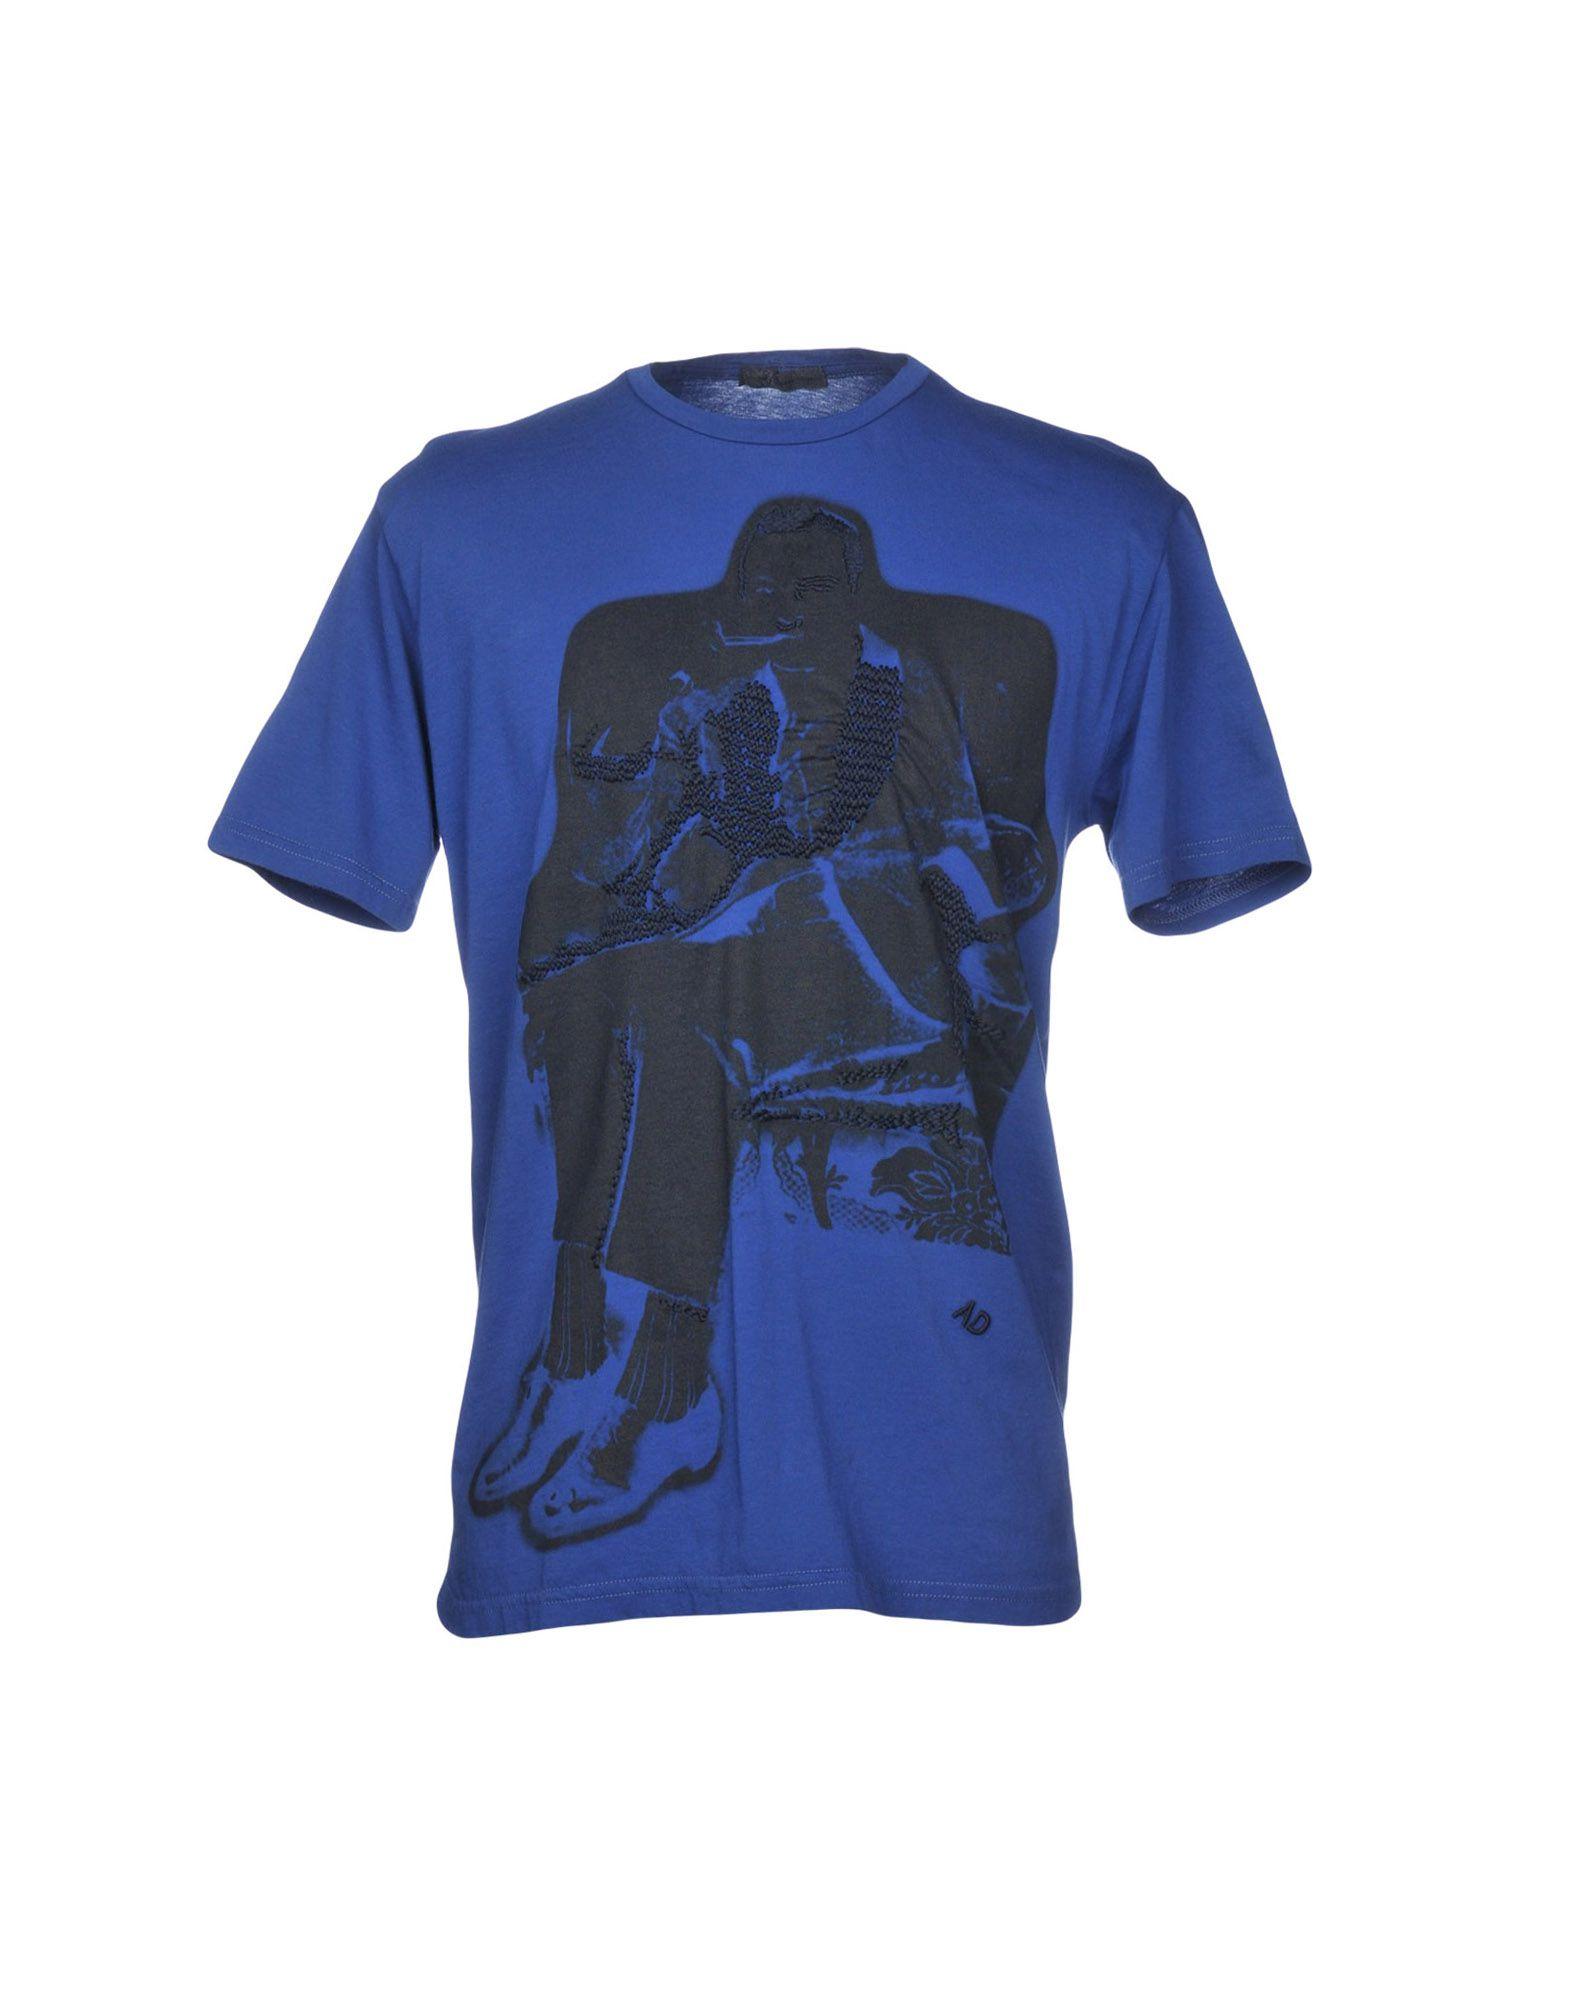 T-Shirt Dell'acqua Alessandro Dell'acqua T-Shirt Uomo - 12192831WA 7a93f1